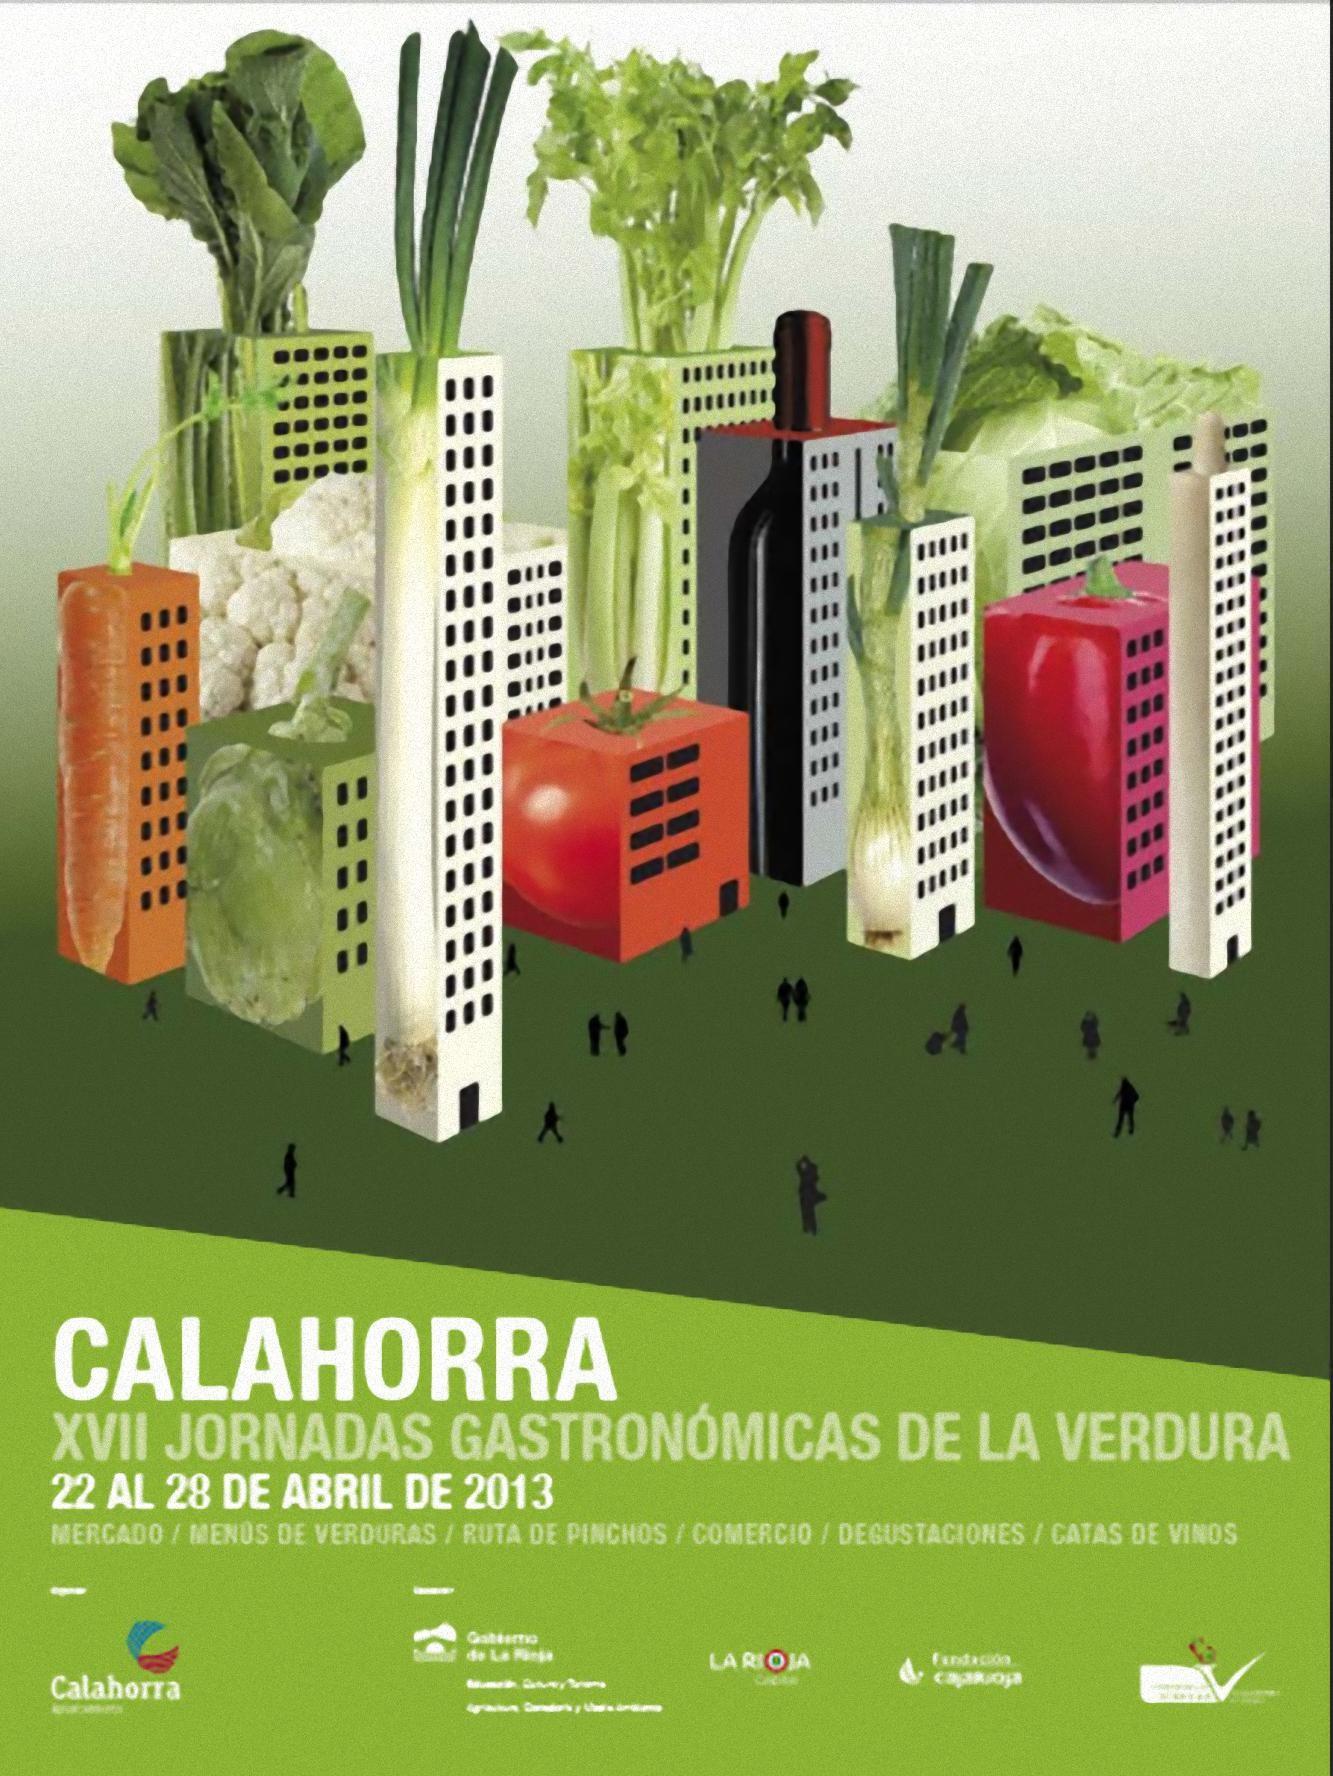 Jornadas Gastronómicas de la Verdura Calahorra 2013_e